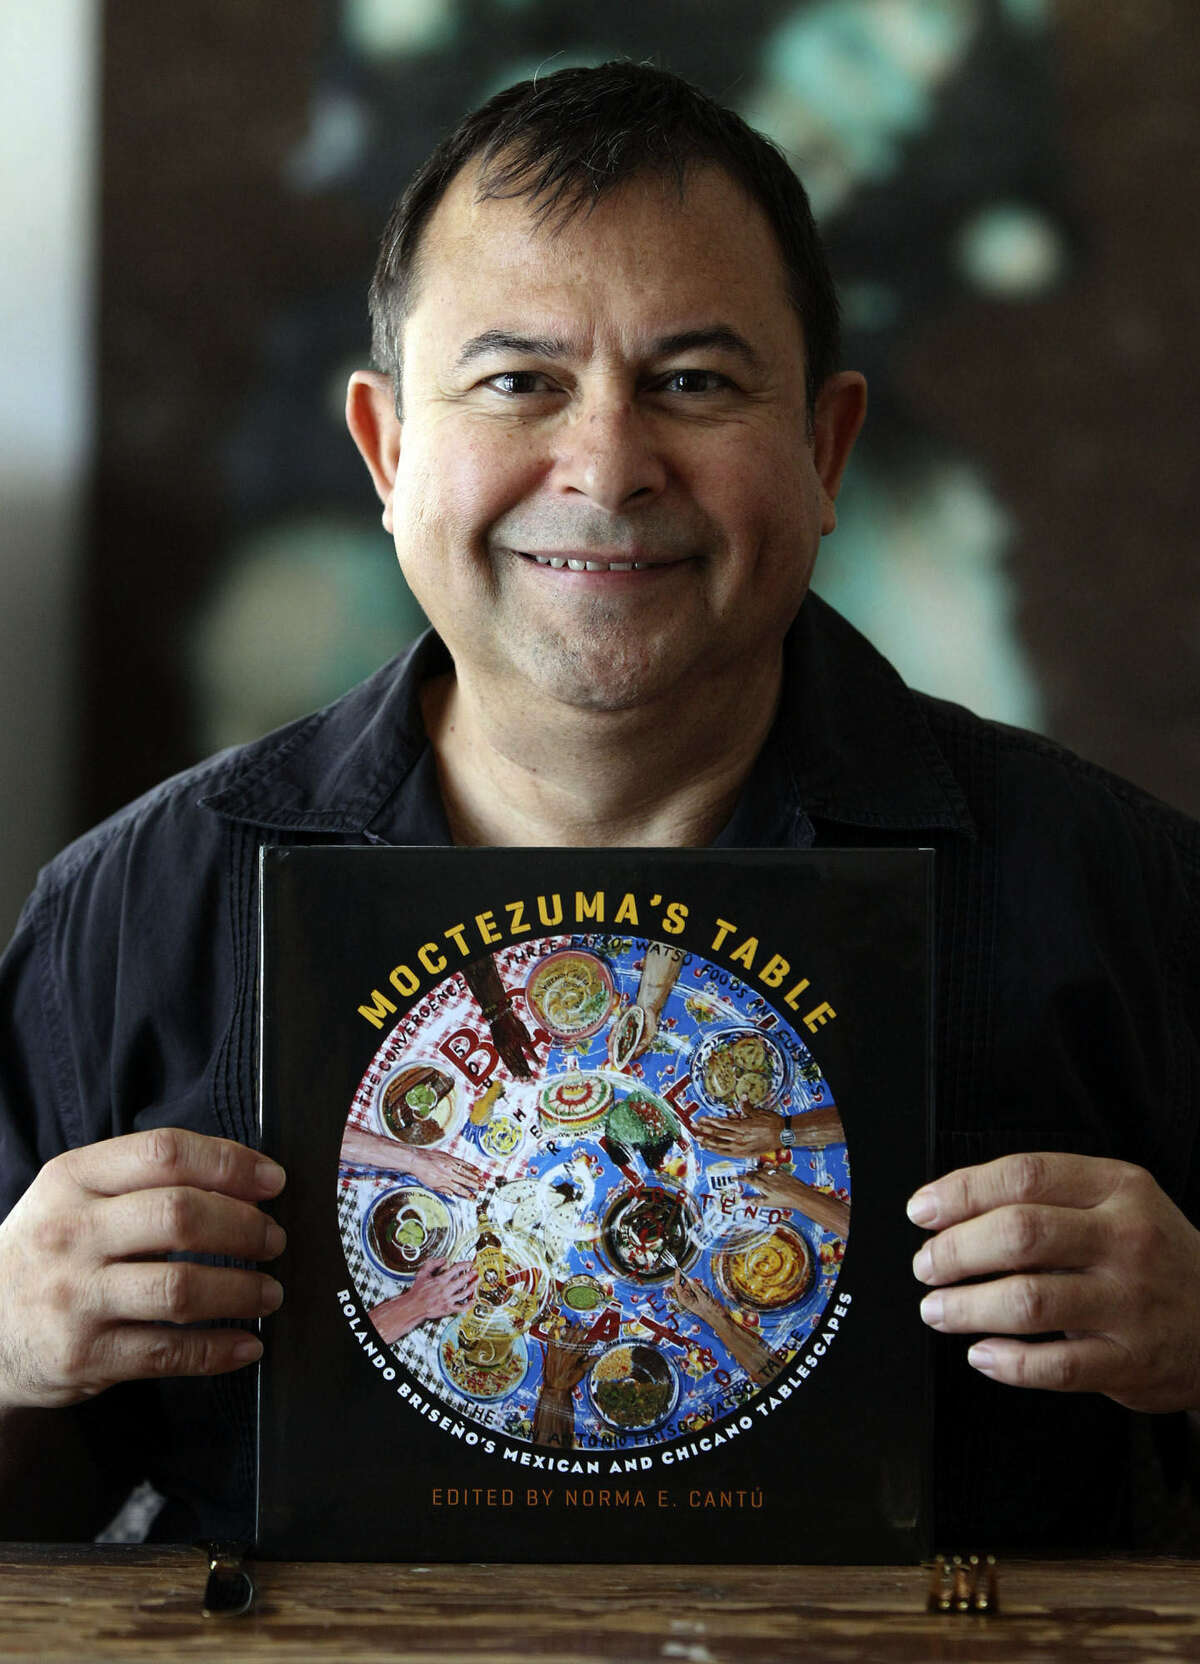 Rolando Briseño is a public artist.